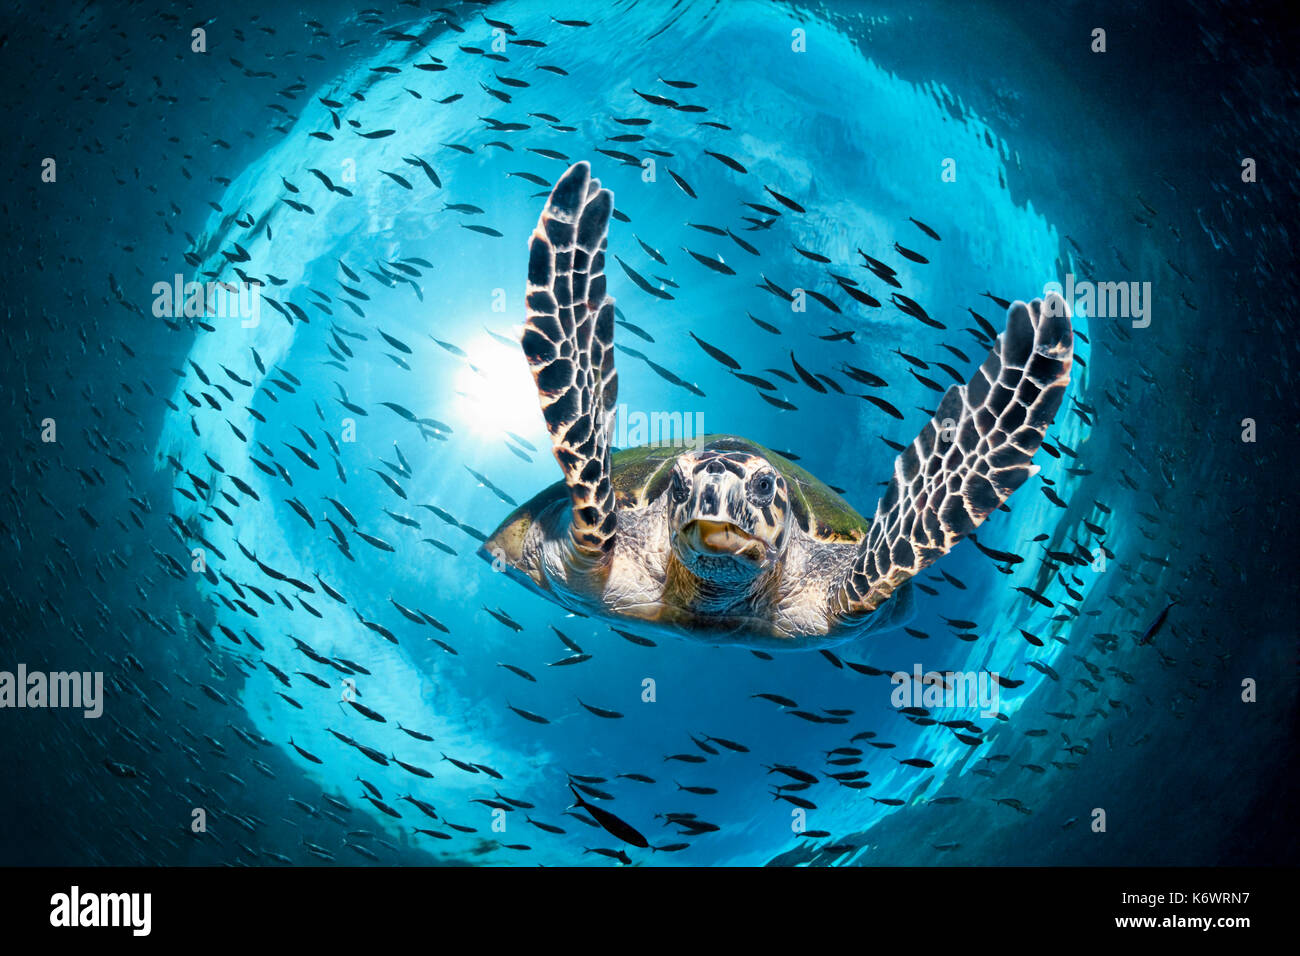 La tortuga verde (Chelonia mydas) buceo bajo, retroiluminado, pescado enjambre, reflexión total, la gran barrera de coral, la unesco Imagen De Stock